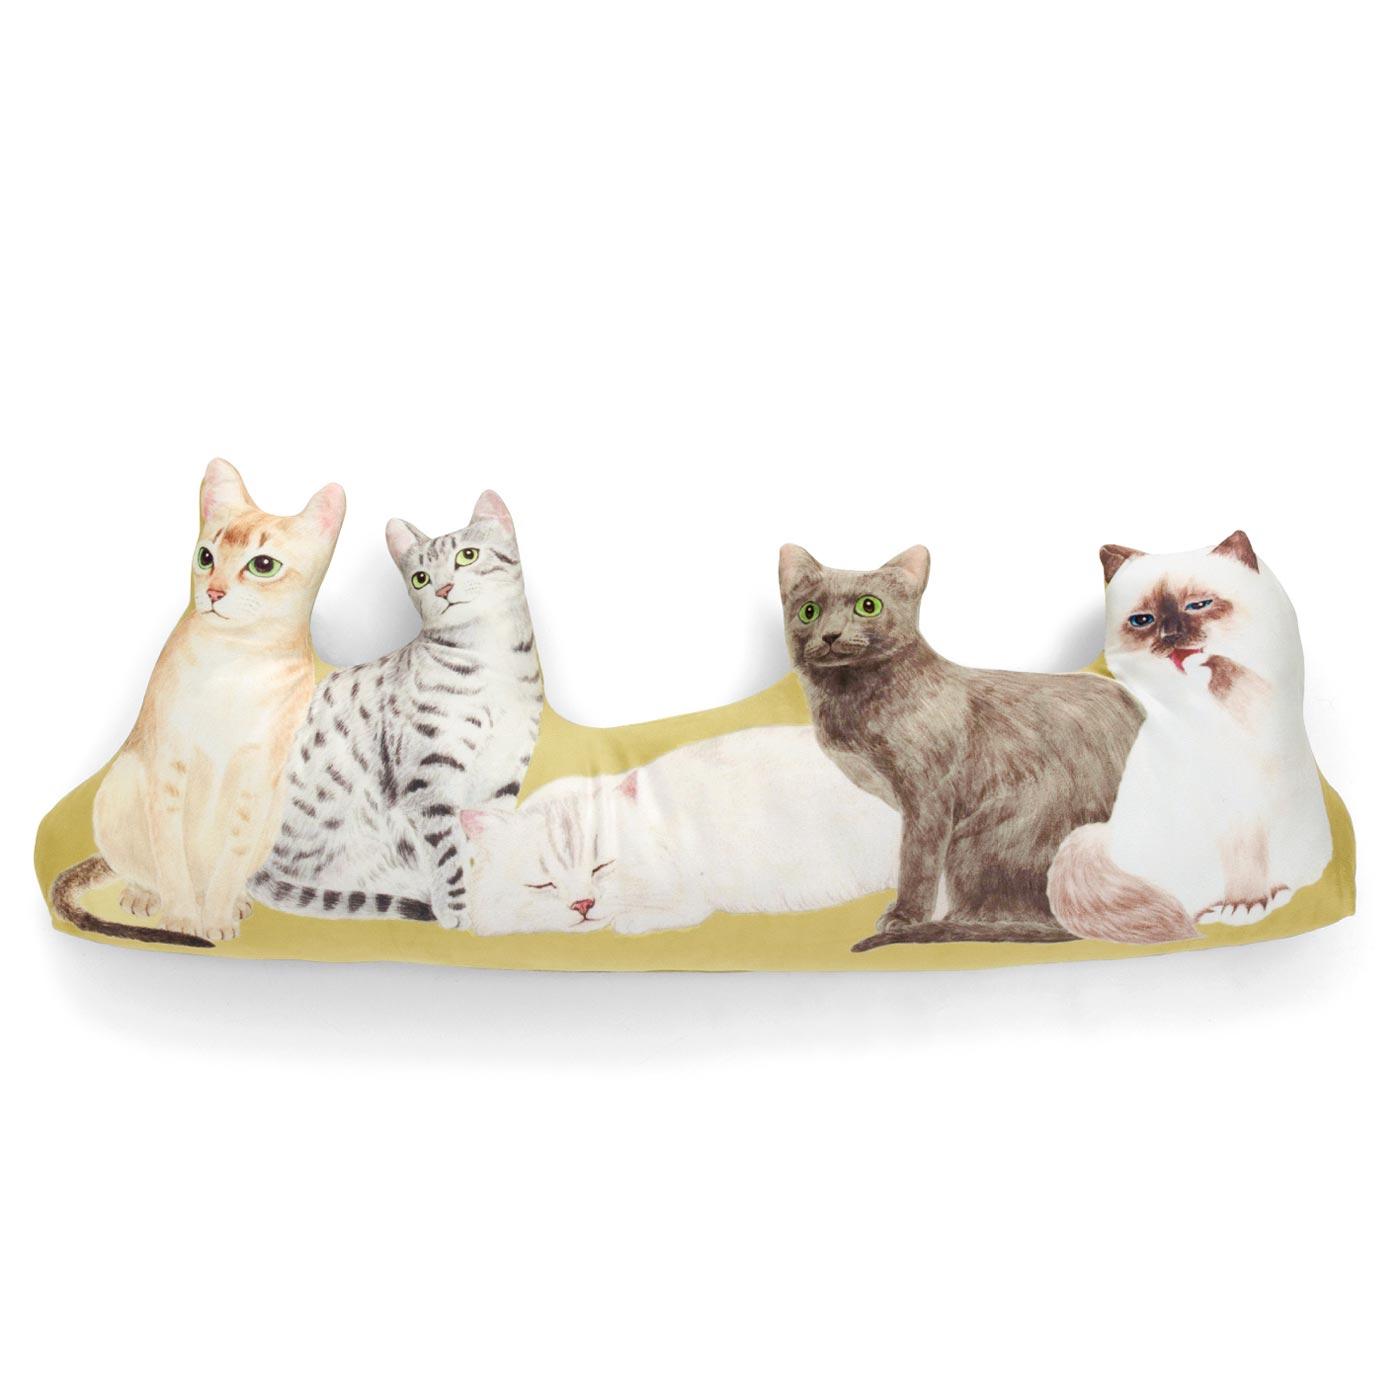 エキゾティックなアジア・中東猫(左からシンガプーラ・エジプシャンマウ・ペルシャ・コラット・バーマン)